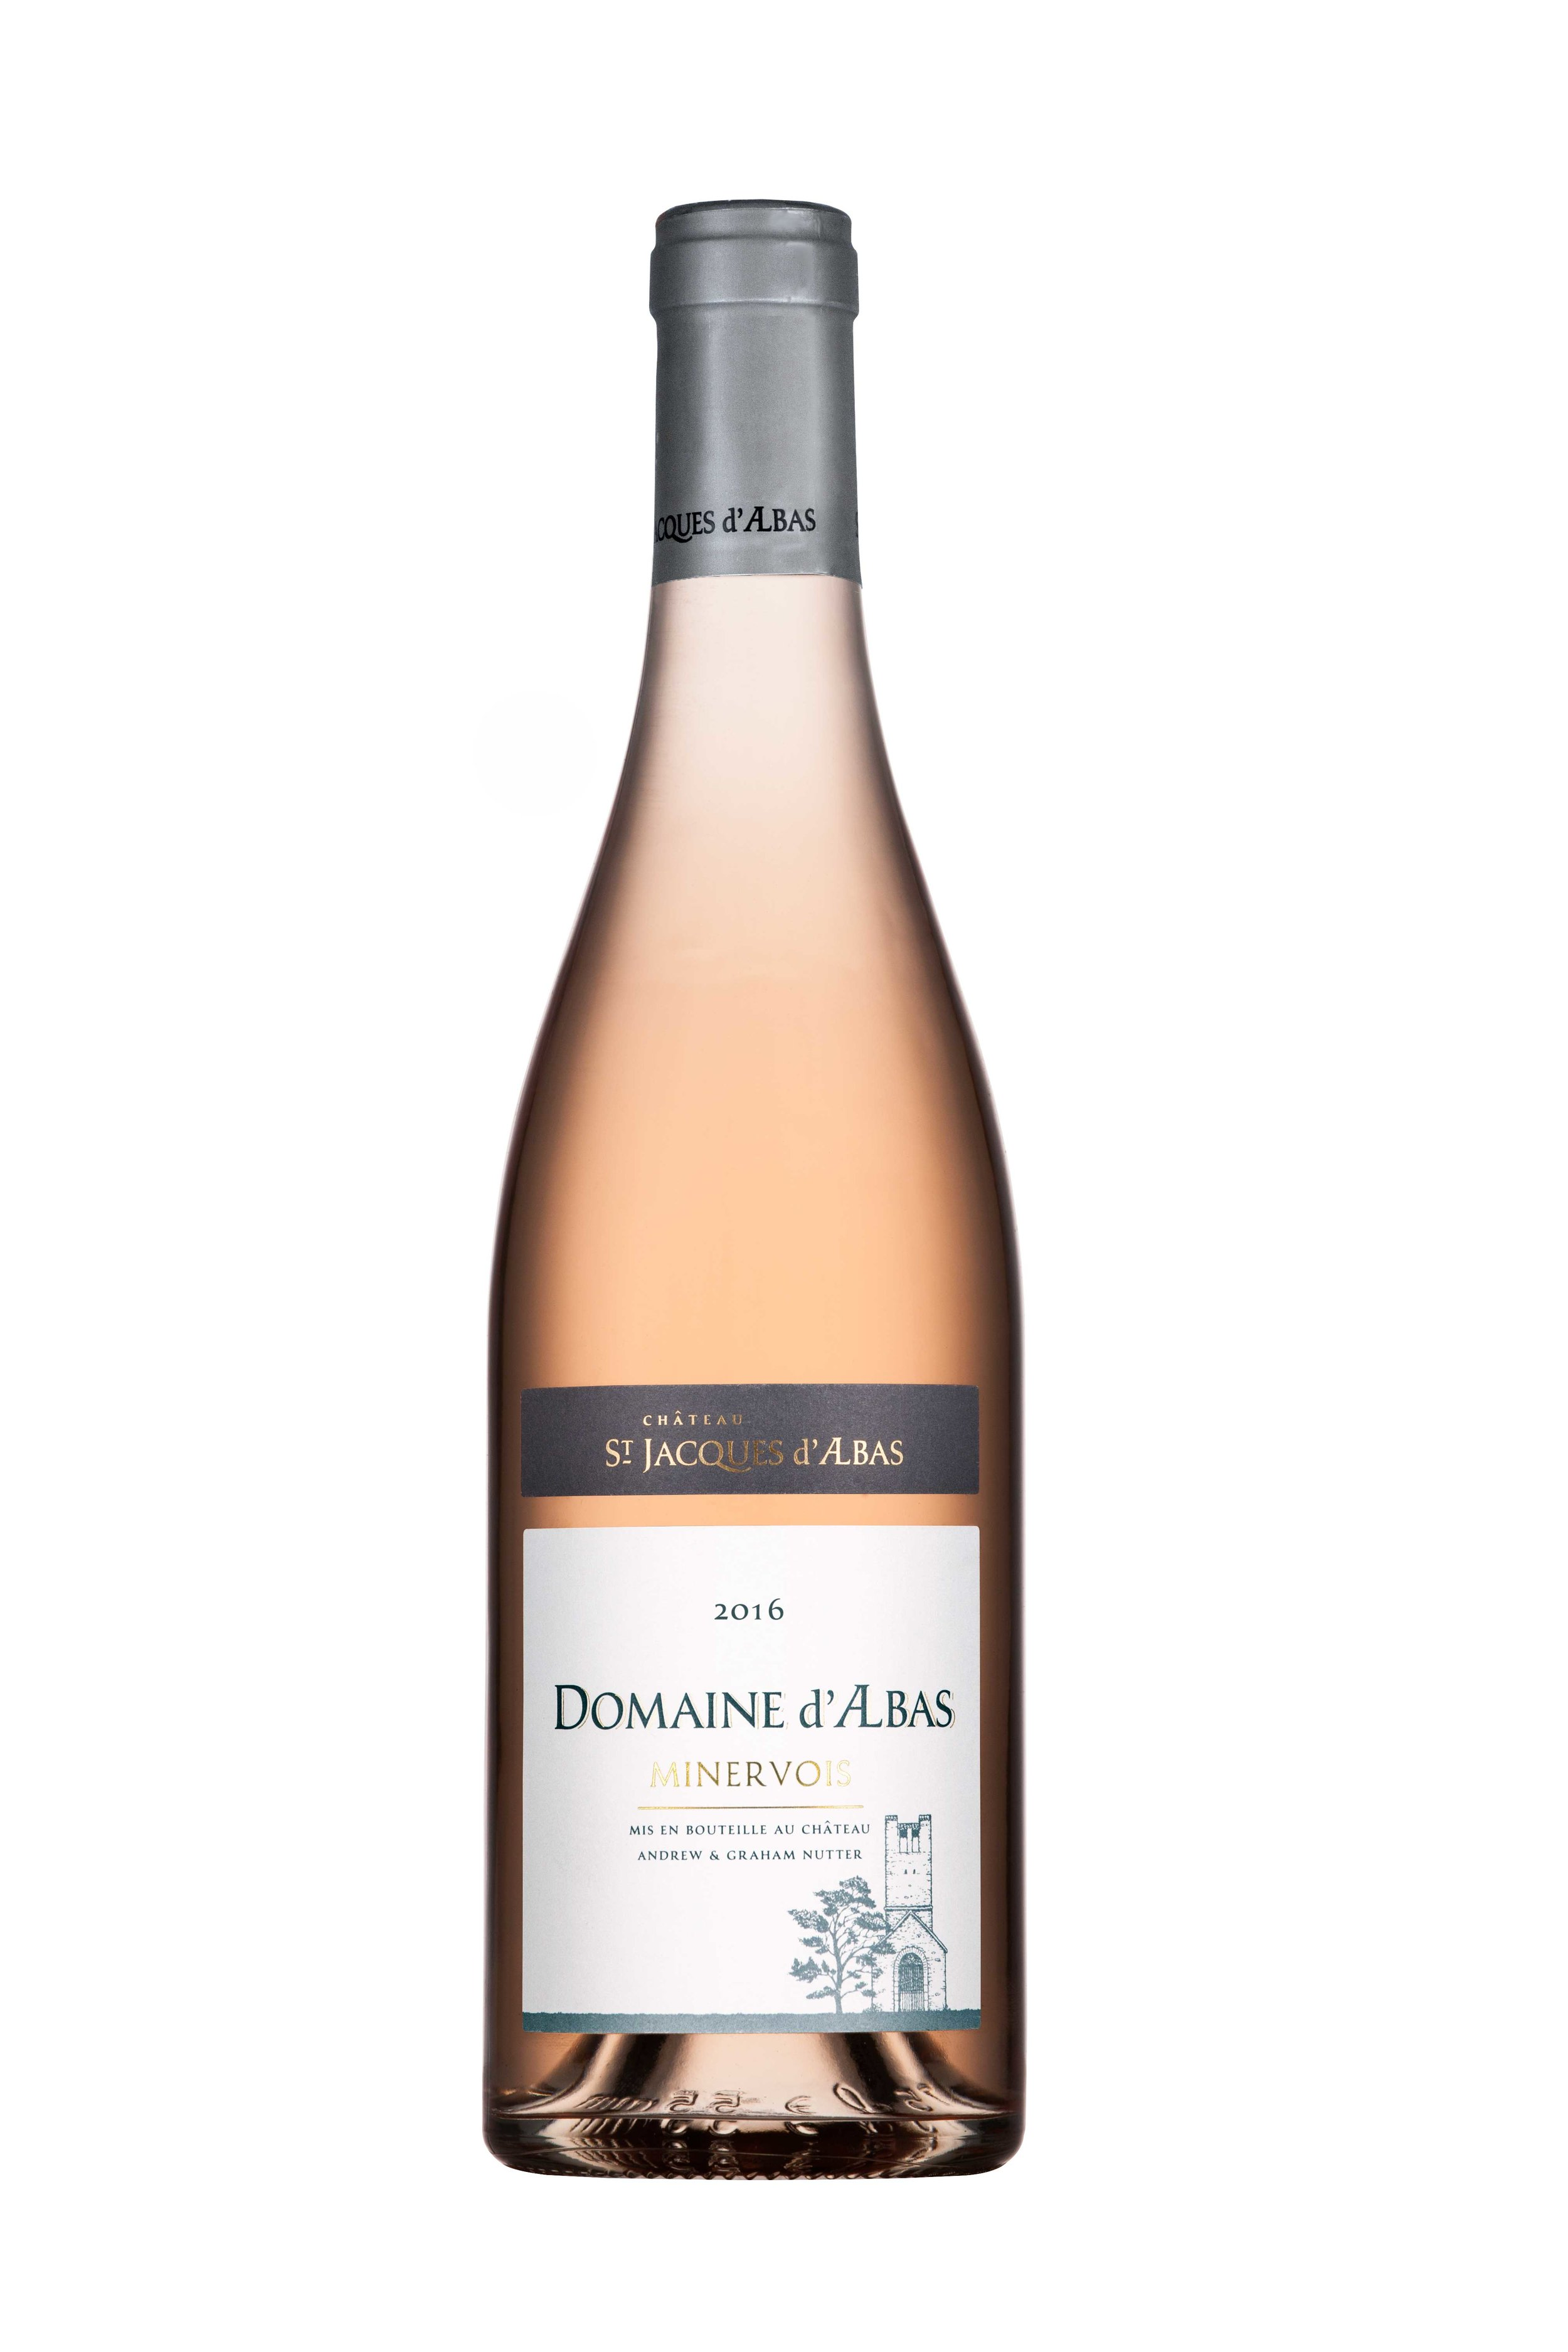 Domaine Rose bottle photo - Chateau St. Jacques